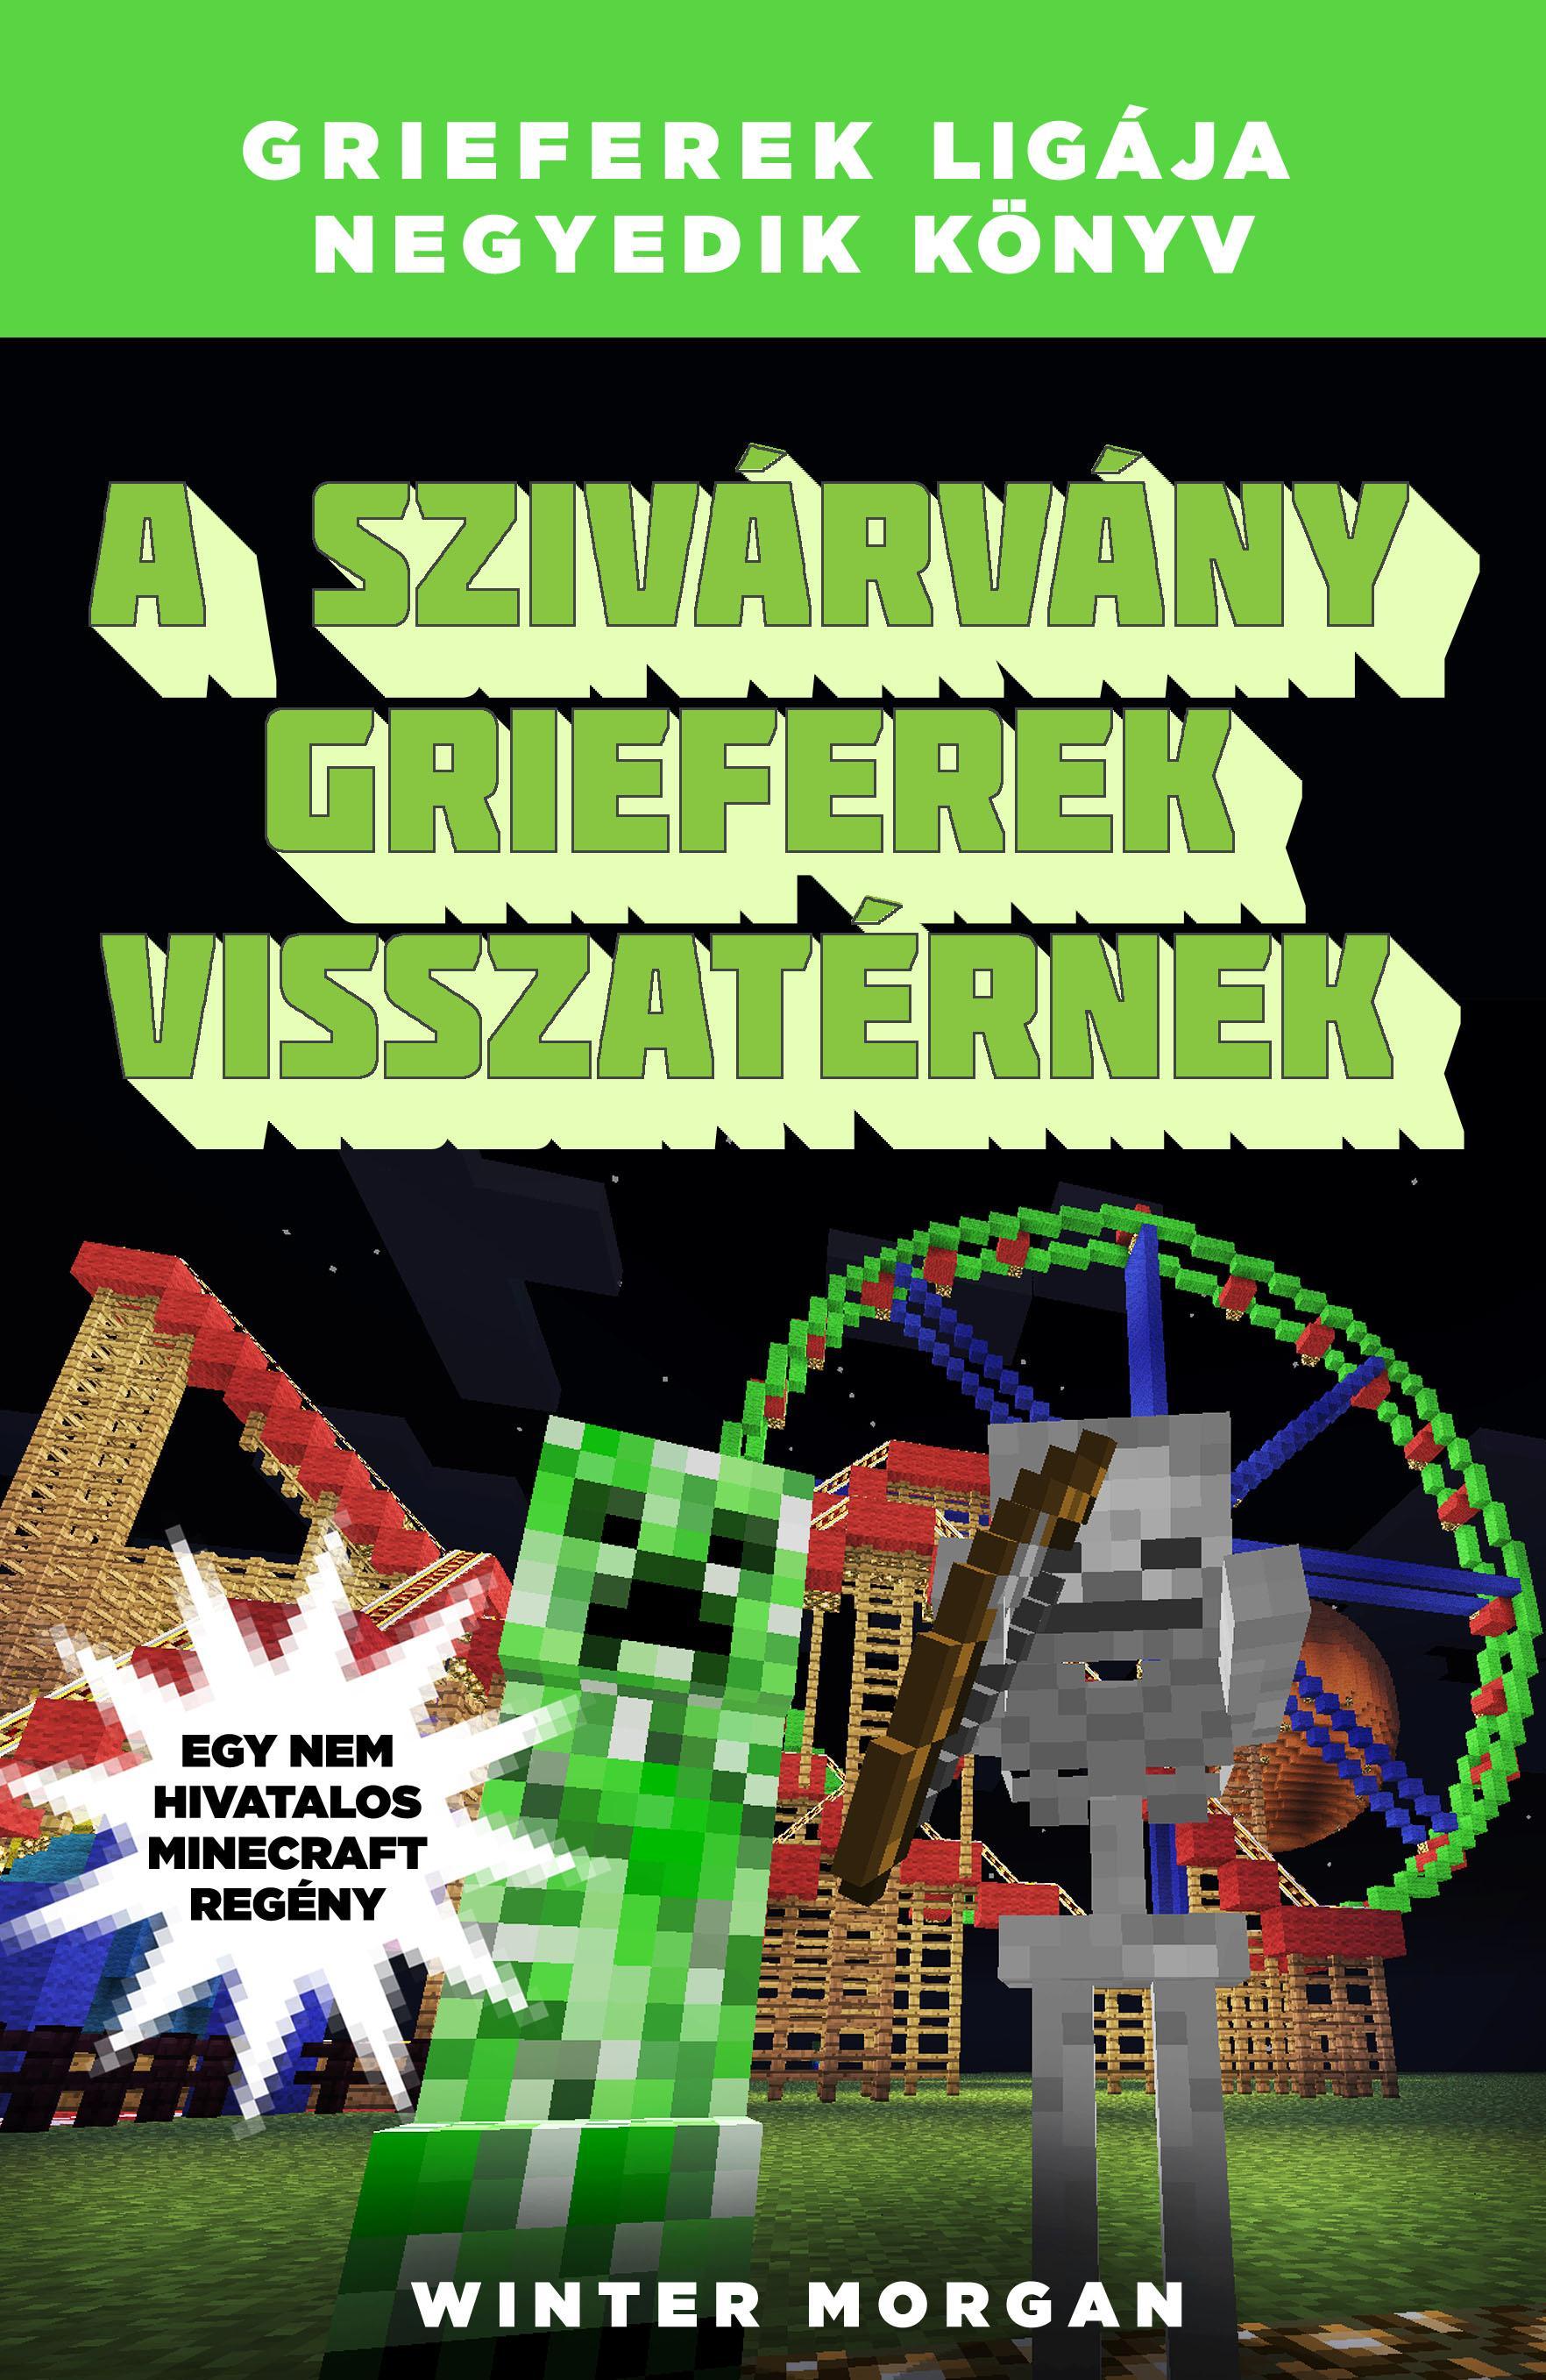 A SZIVÁRVÁNY GRIEFEREK VISSZATÉRNEK - GRIEFEREK LIGÁJA 4. EGY NEM HIVATALOS MINE